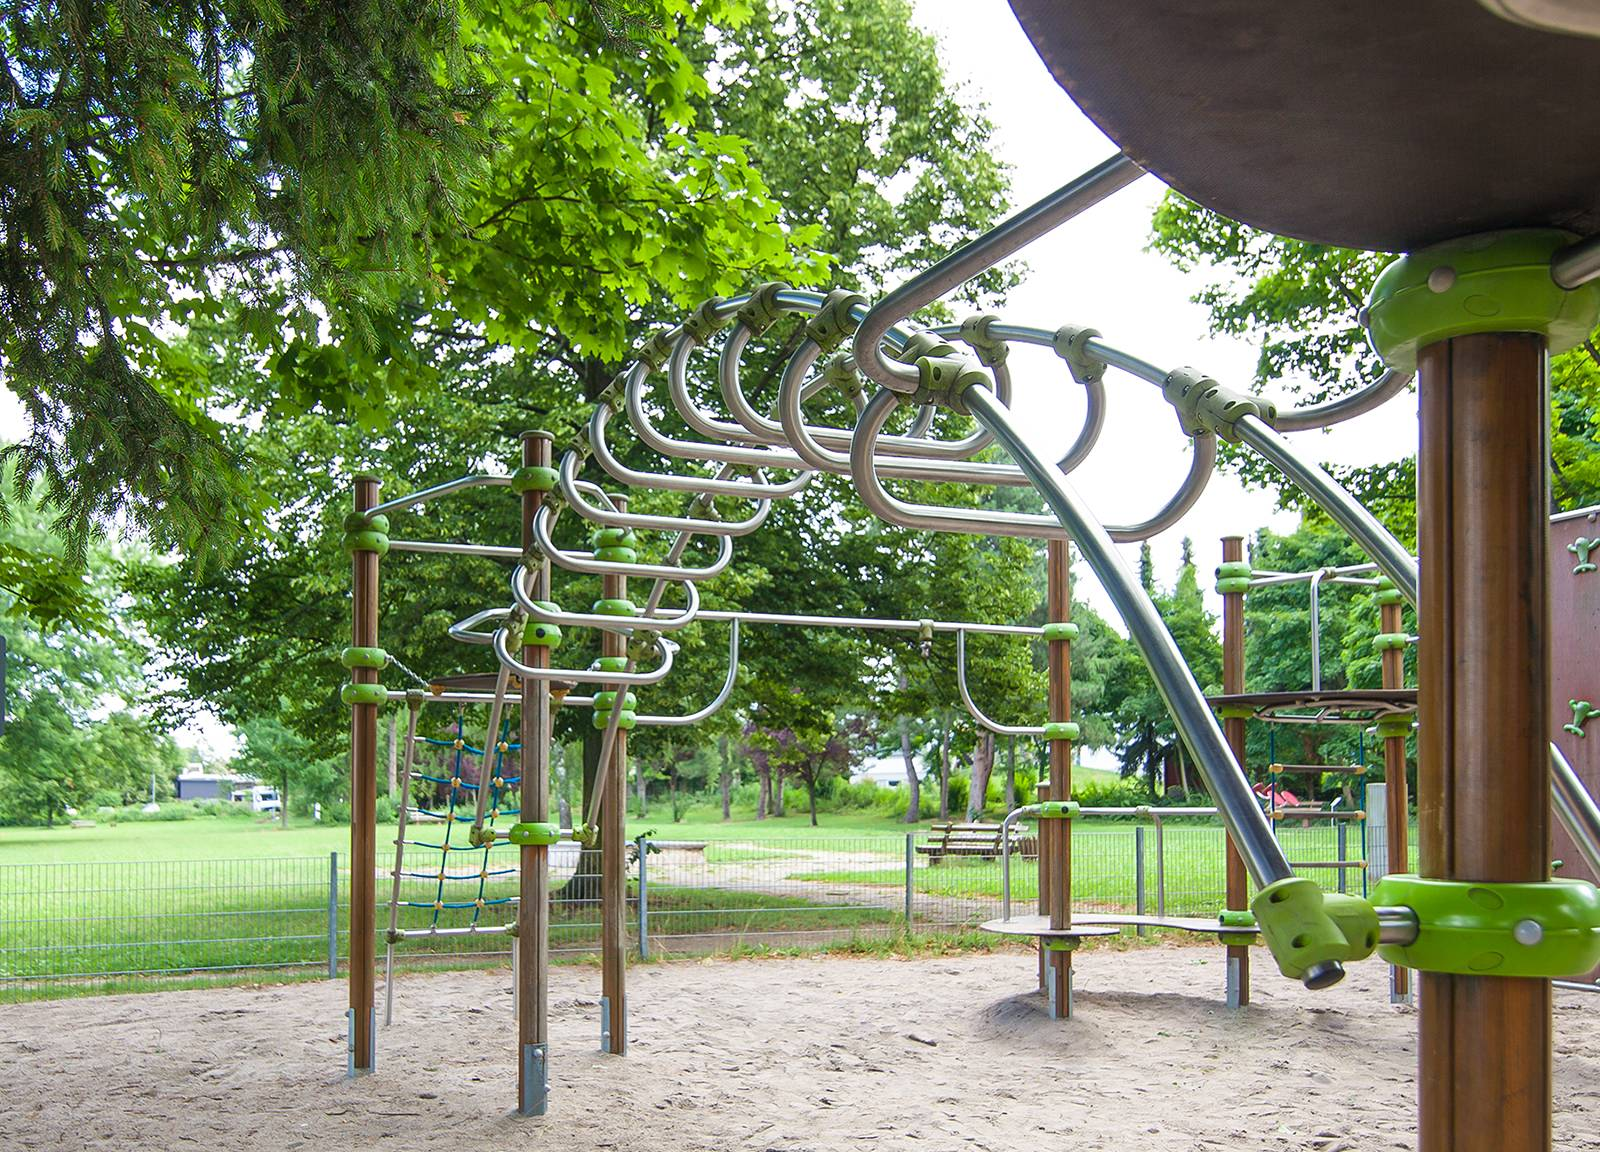 Alsbach Spielplatzanlage im Erpel